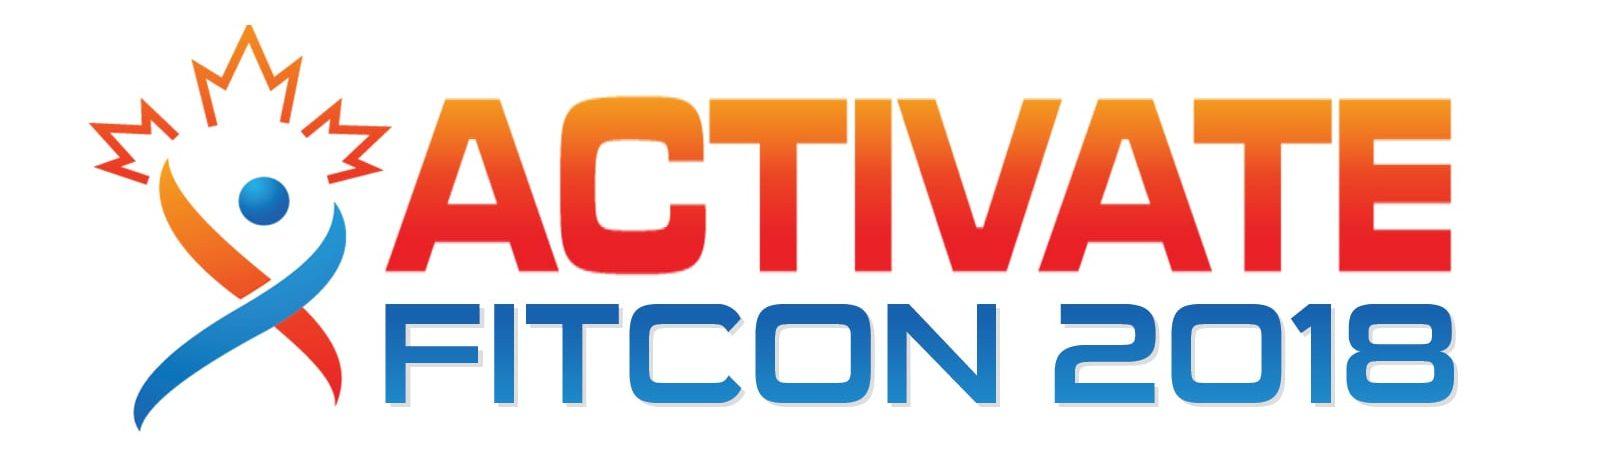 Activate Fitcon